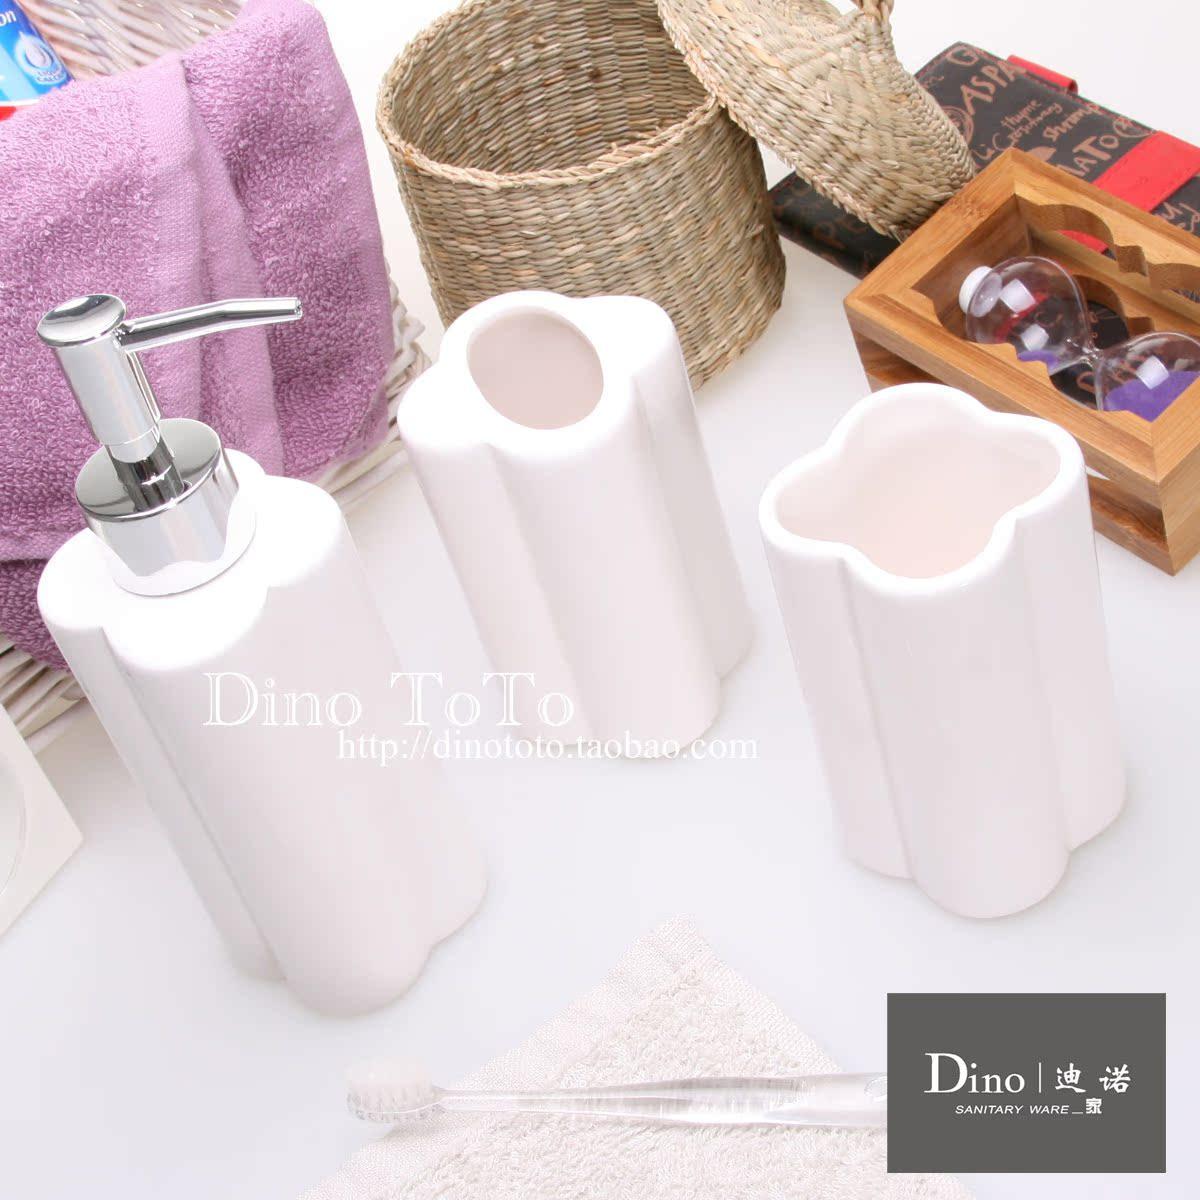 简约特色生活浴室洗漱居家用品 陶瓷卫浴三件套 浴室用品套件装组